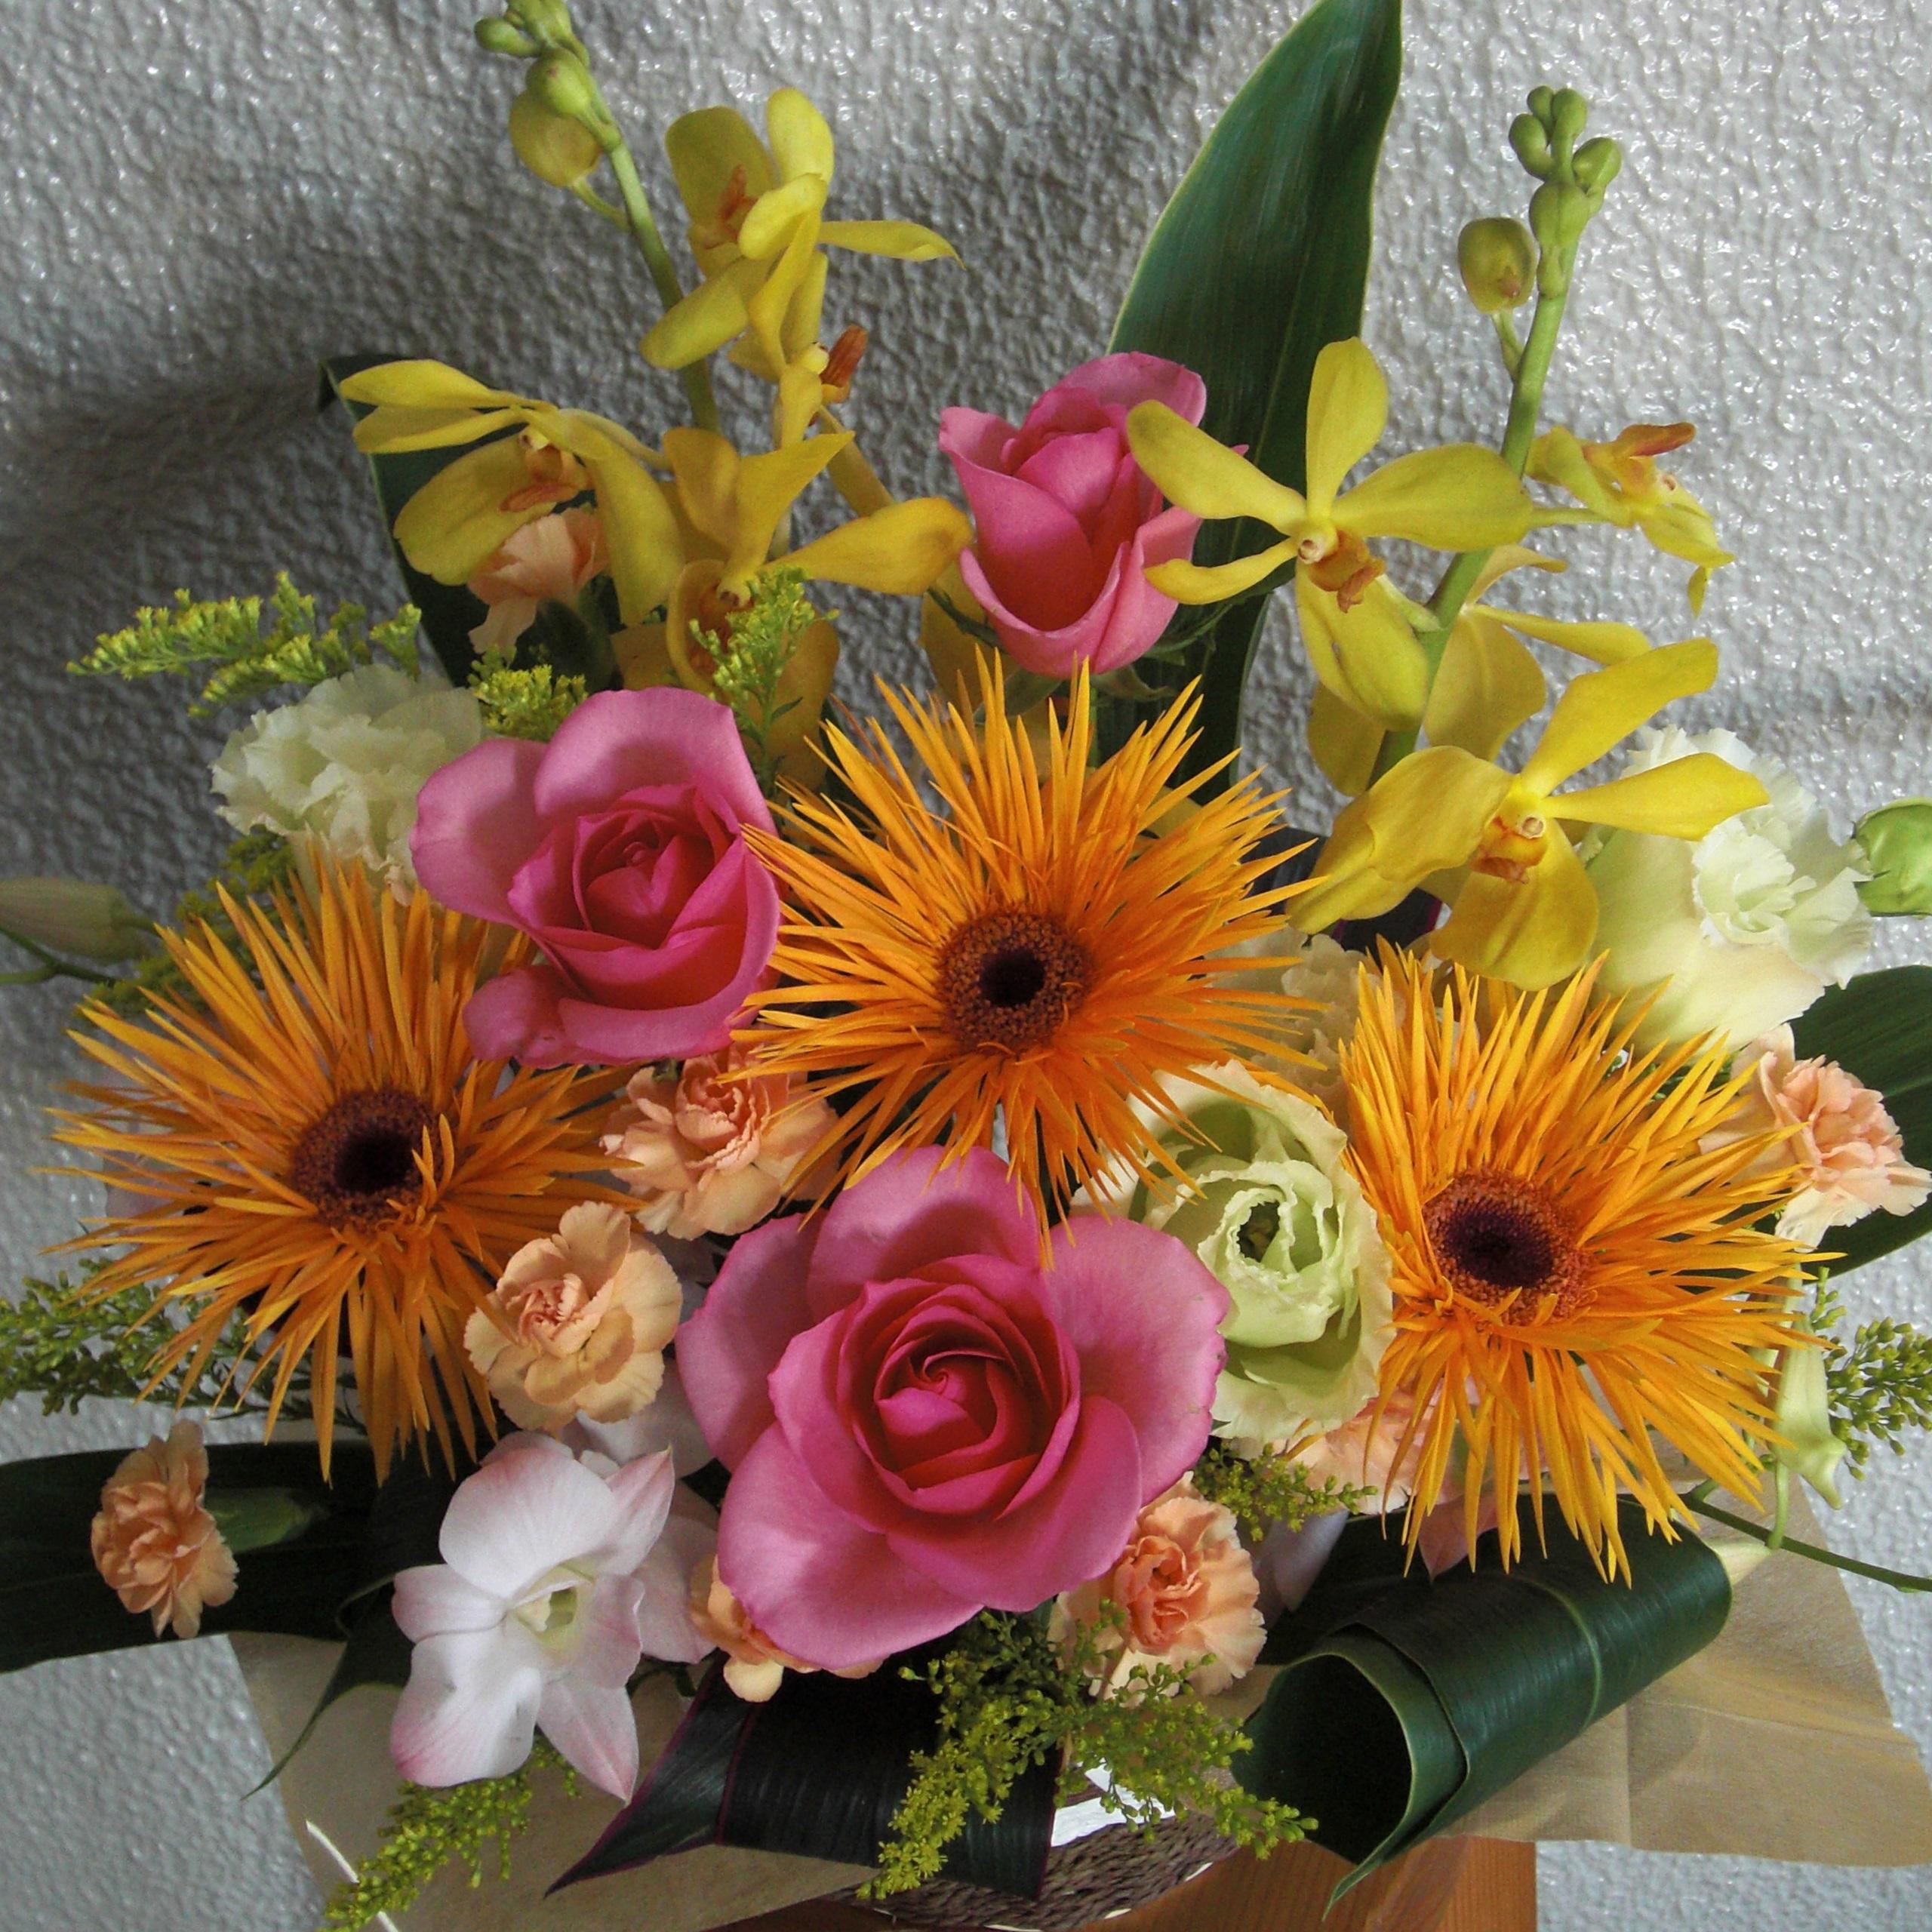 オレンジのガーベラとピンクのバラを使ったアレンジ